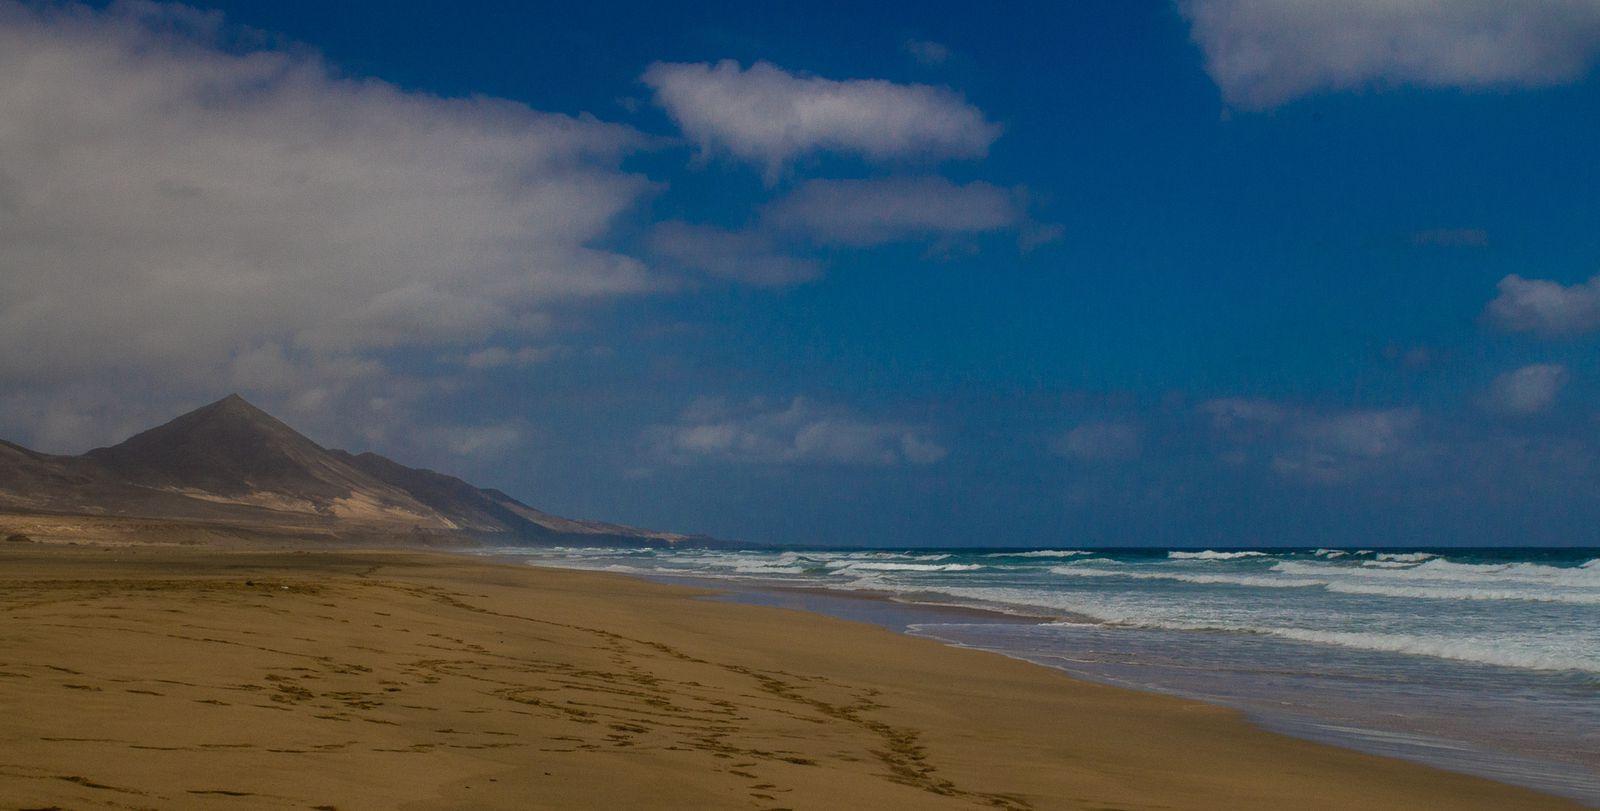 L' ile aux immenses plages de sable blanc,  une côte baignée par un océan calme et par des eaux transparentes qui vous inviteront à la relaxation et à la plénitude intérieure